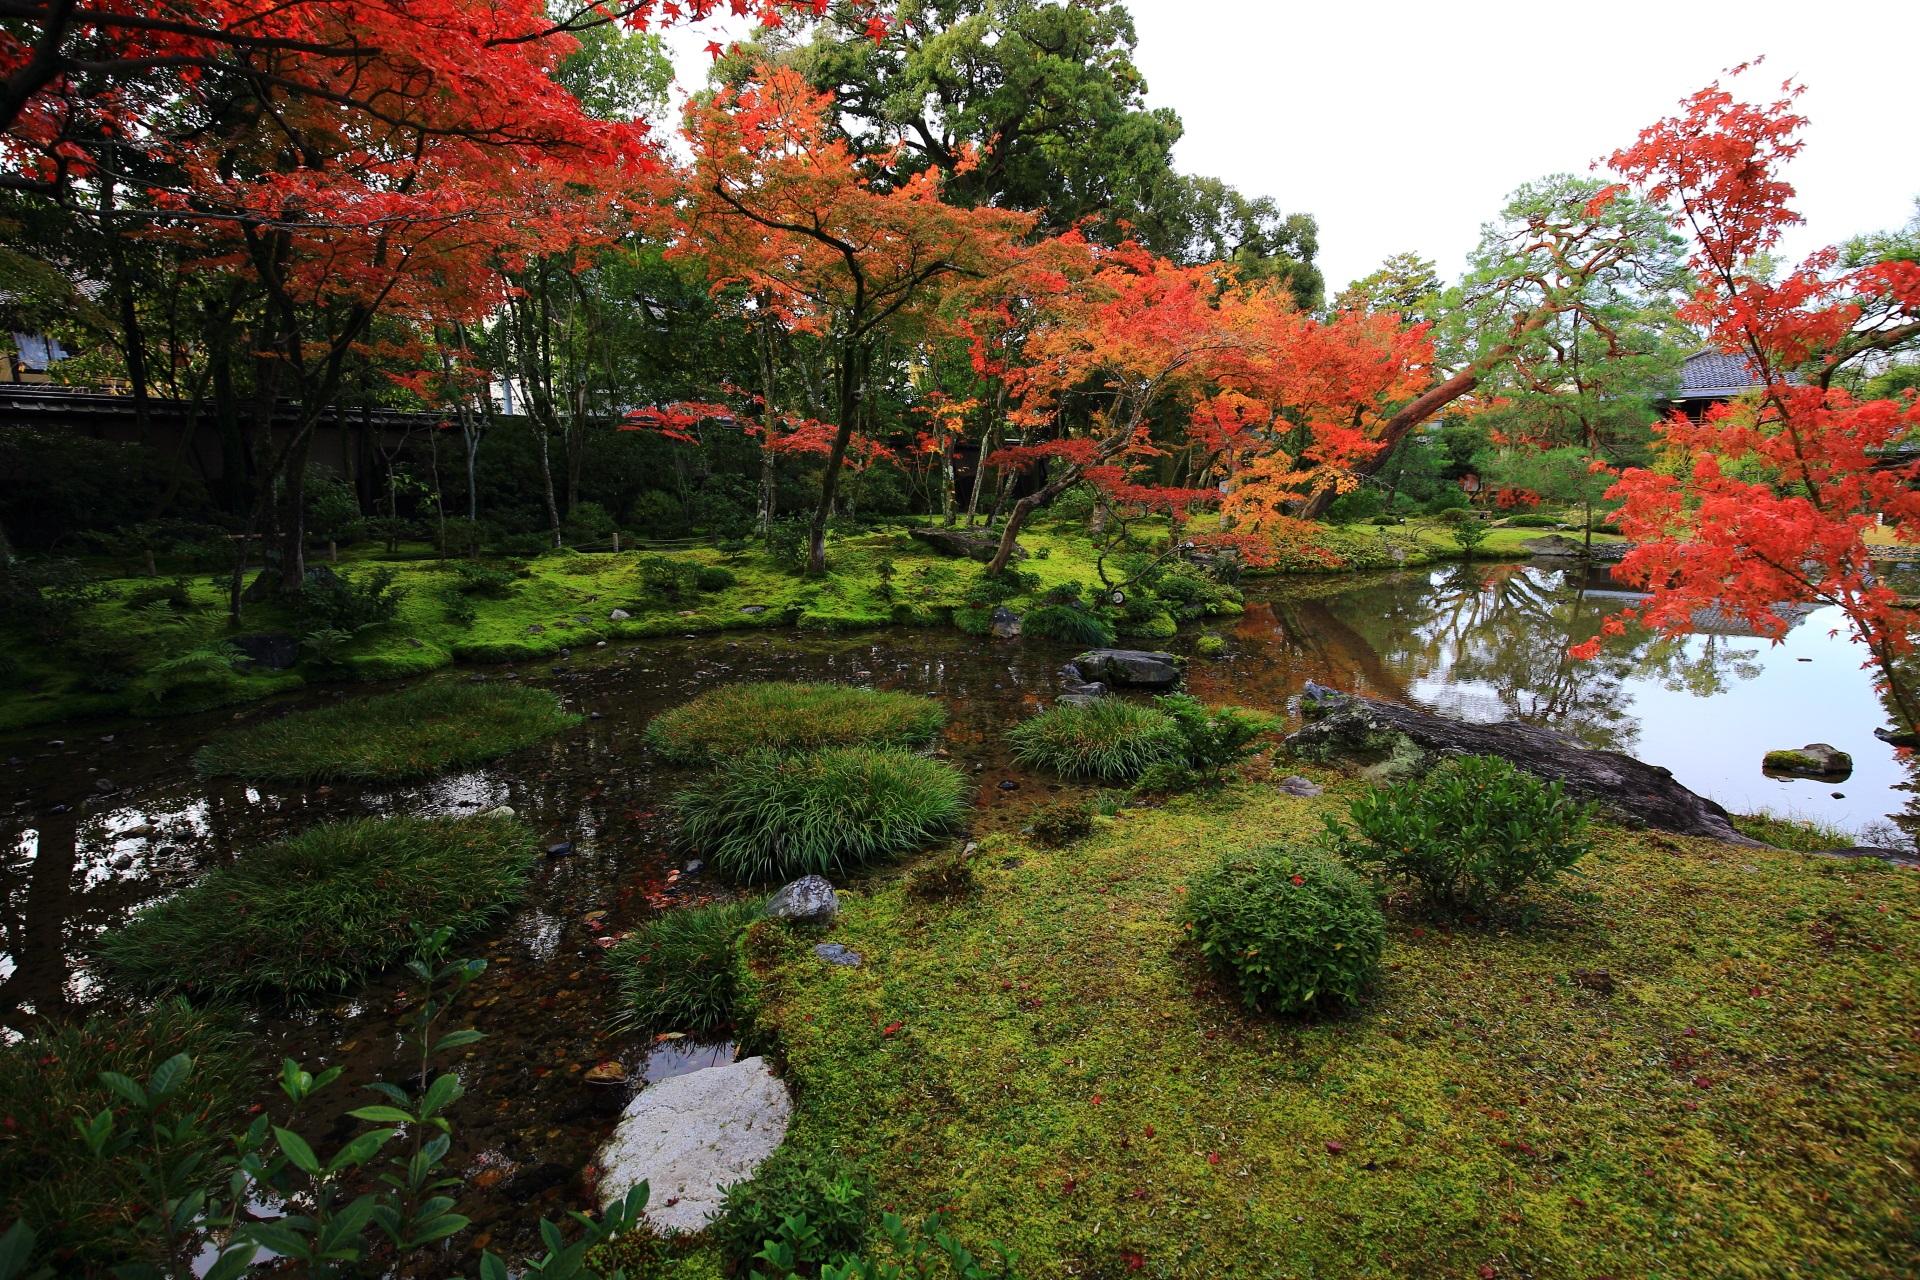 しっとりと落ち着いた雰囲気の庭園を紅葉が色濃く染める無鄰菴